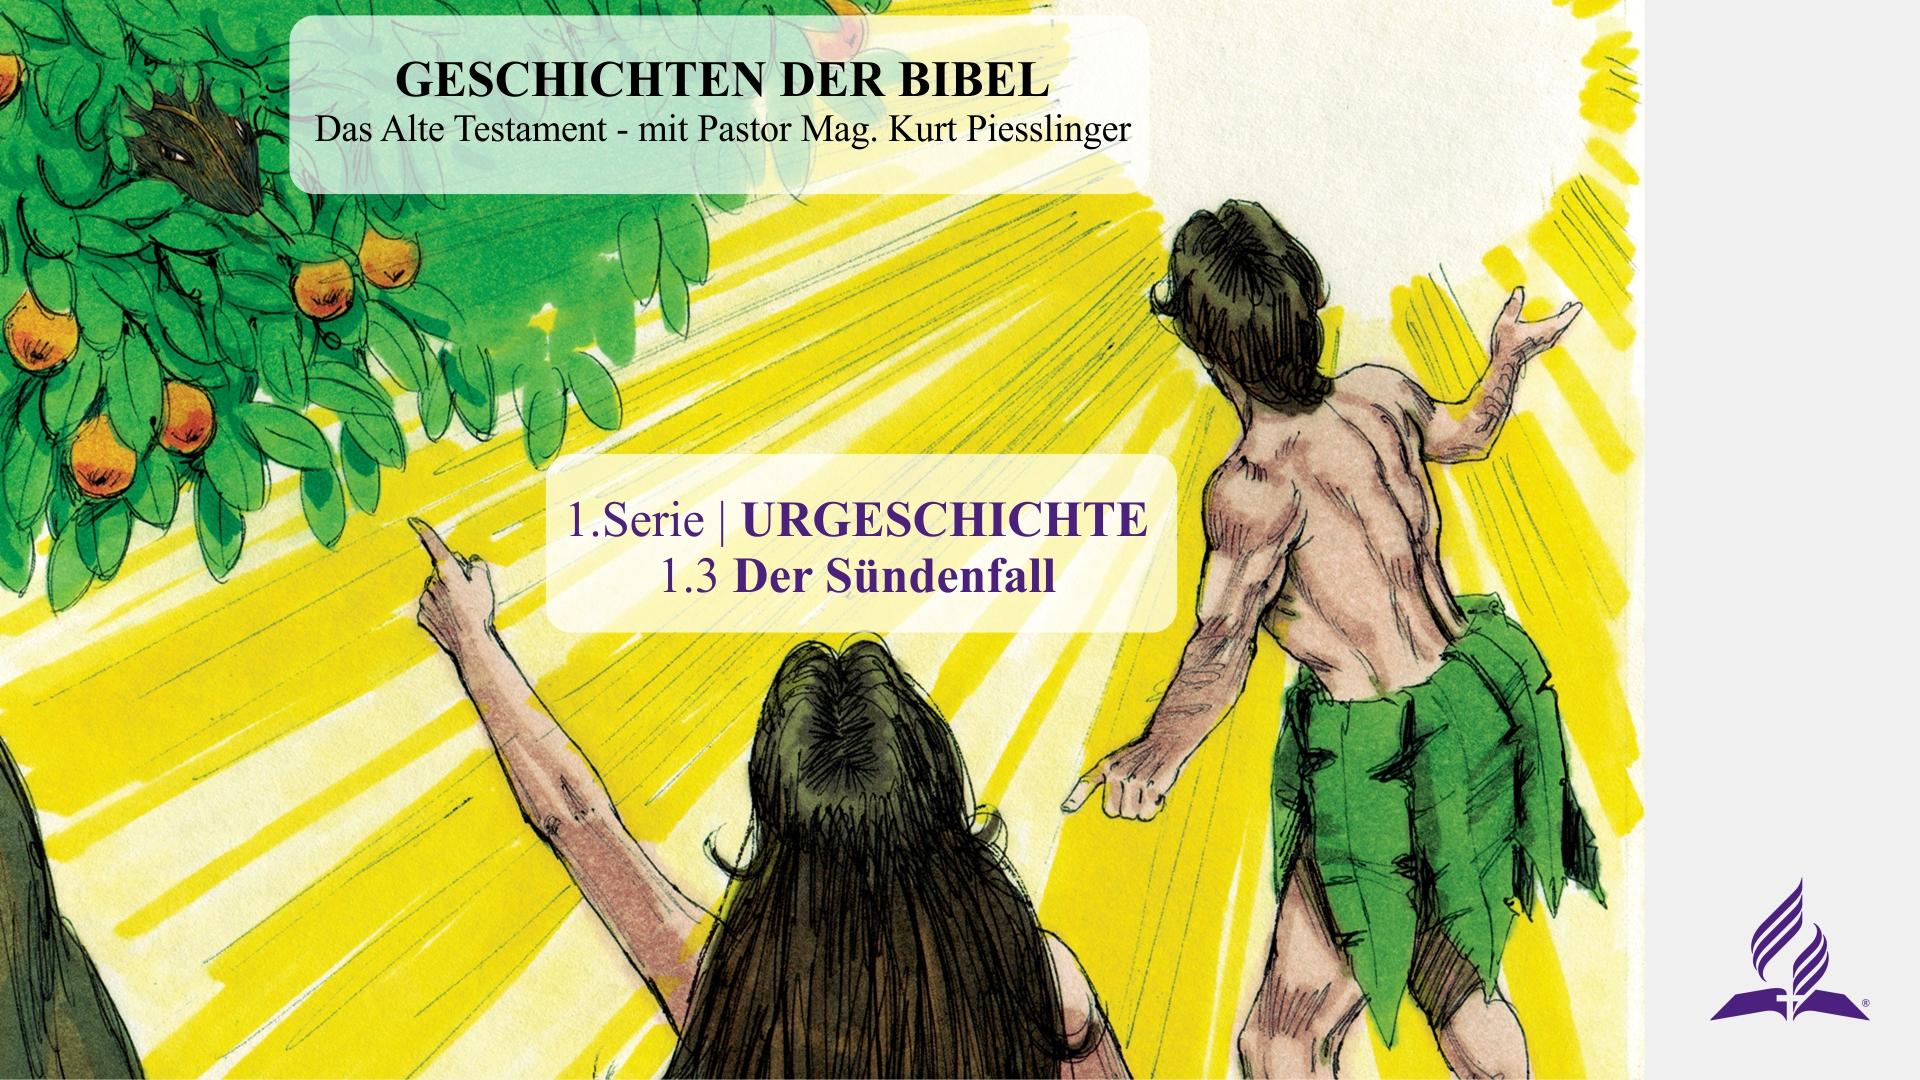 1.3 Der Sündenfall – URGESCHICHTE | Pastor Mag. Kurt Piesslinger